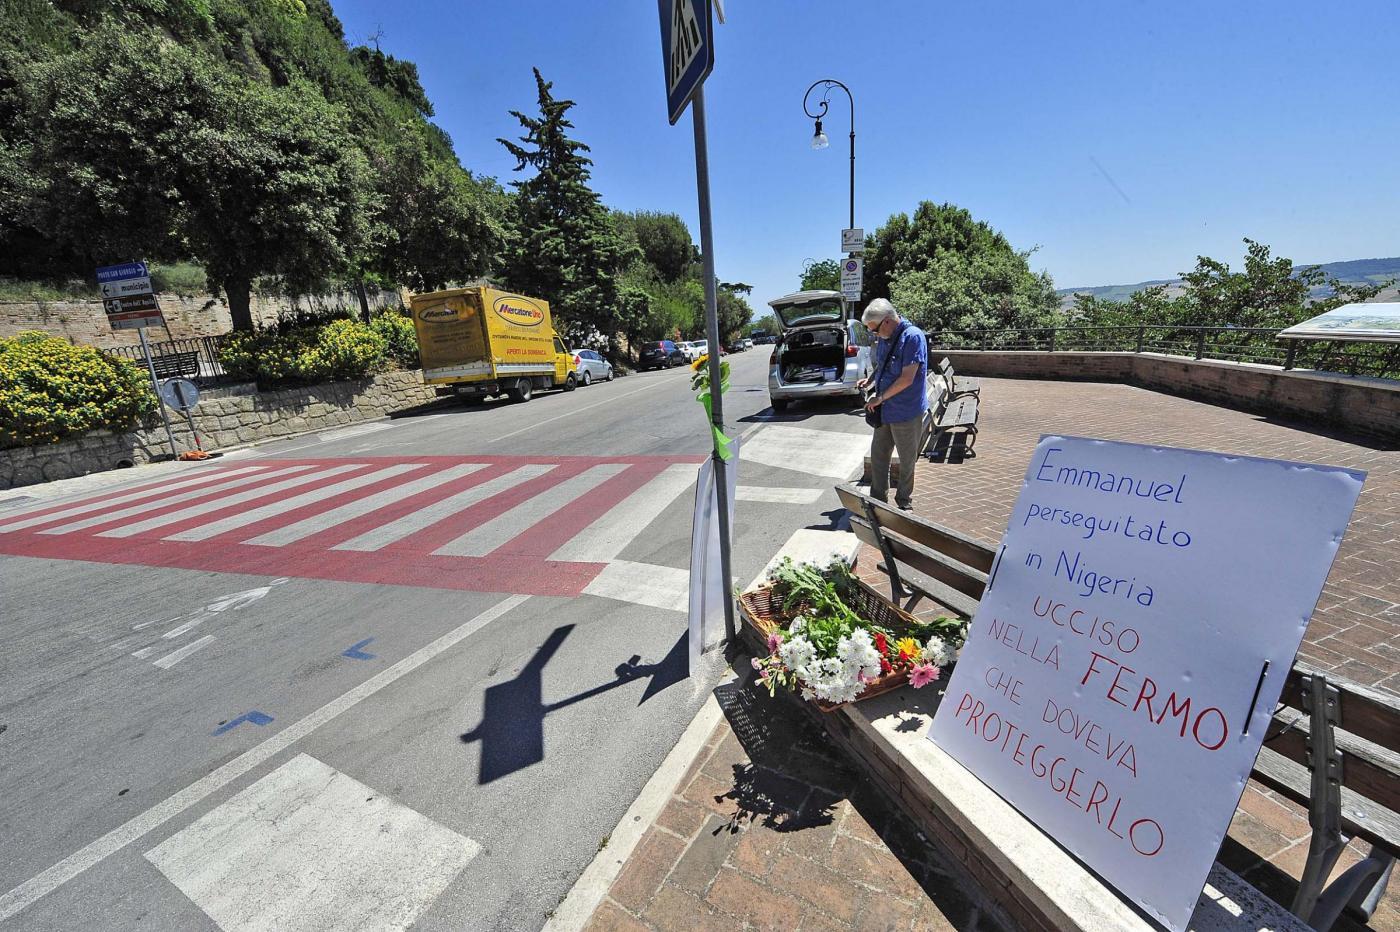 Omicidio di Emmanuel Chidi Namdi a Fermo: tutto quello che è successo